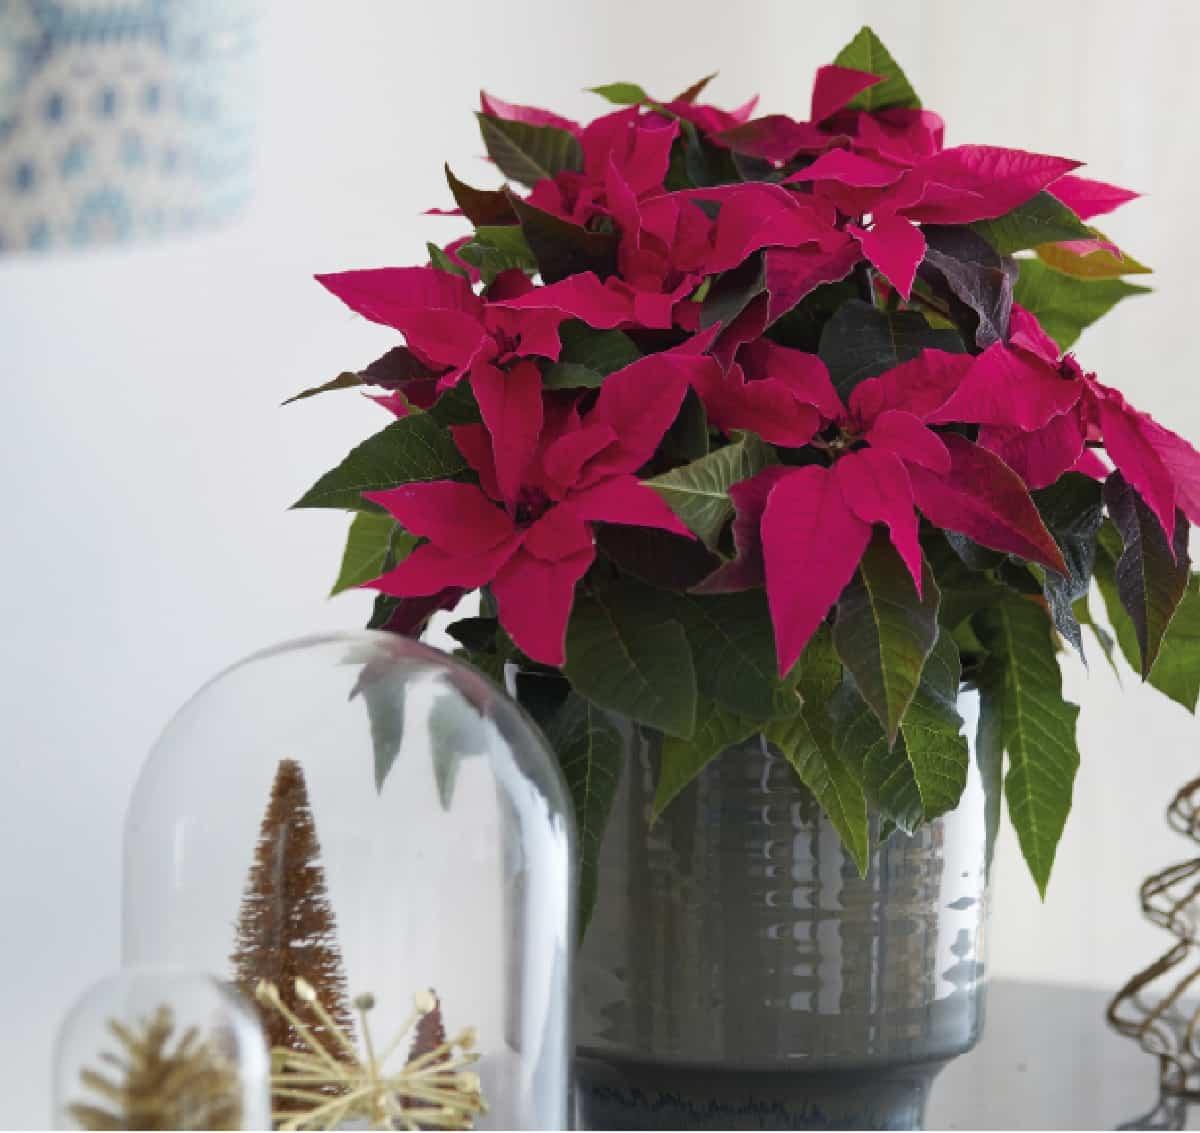 plantas de interior ideales para decorar tu hogar durante todo el ano 2